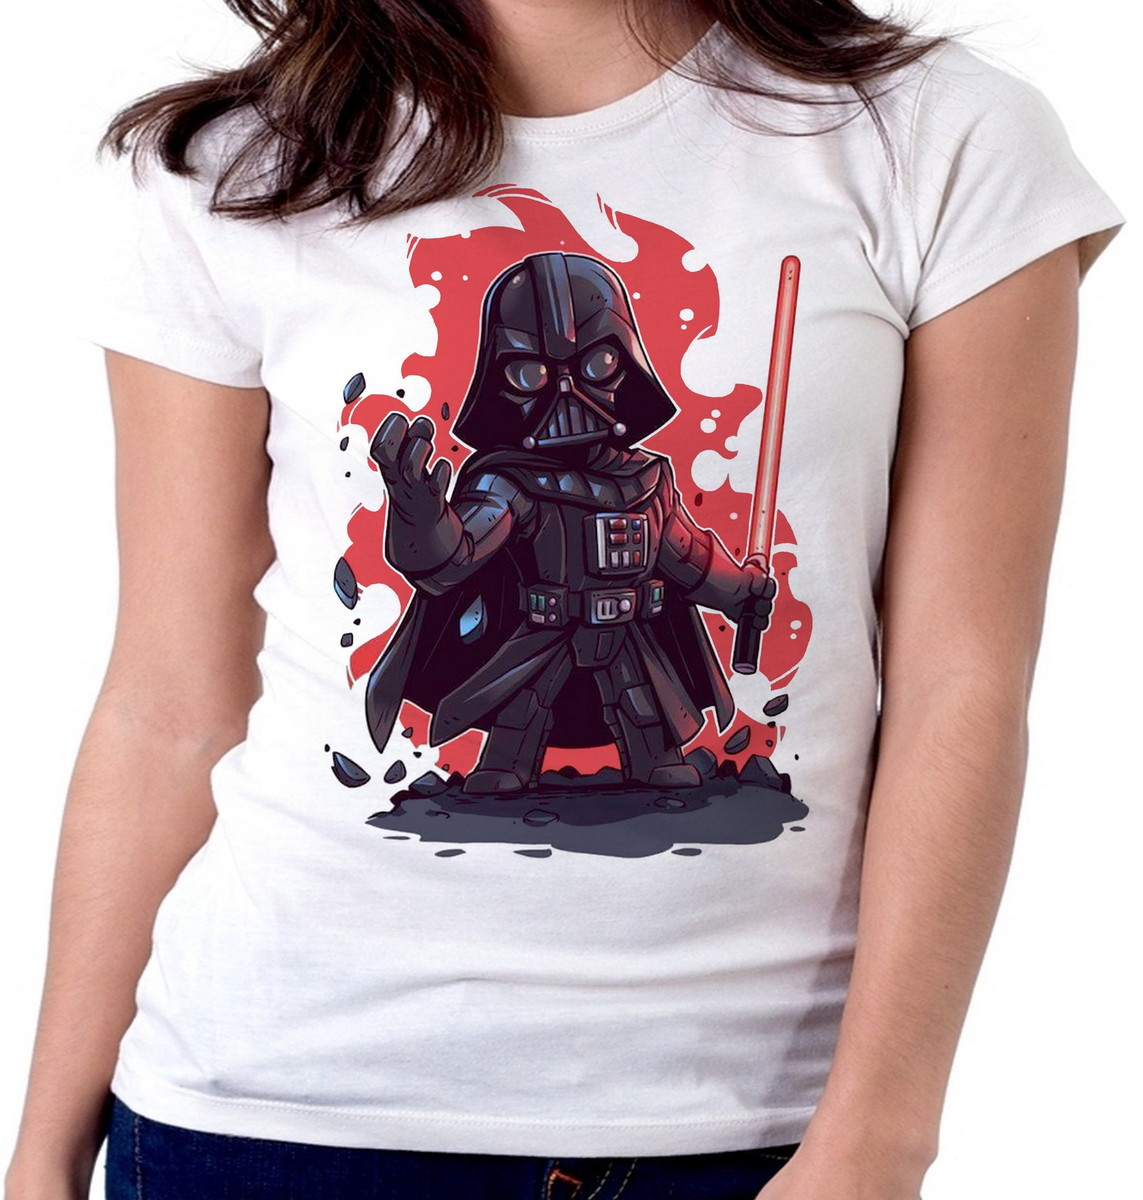 d7602492d Blusa feminina baby look camiseta darth vader star wars no Elo7 ...